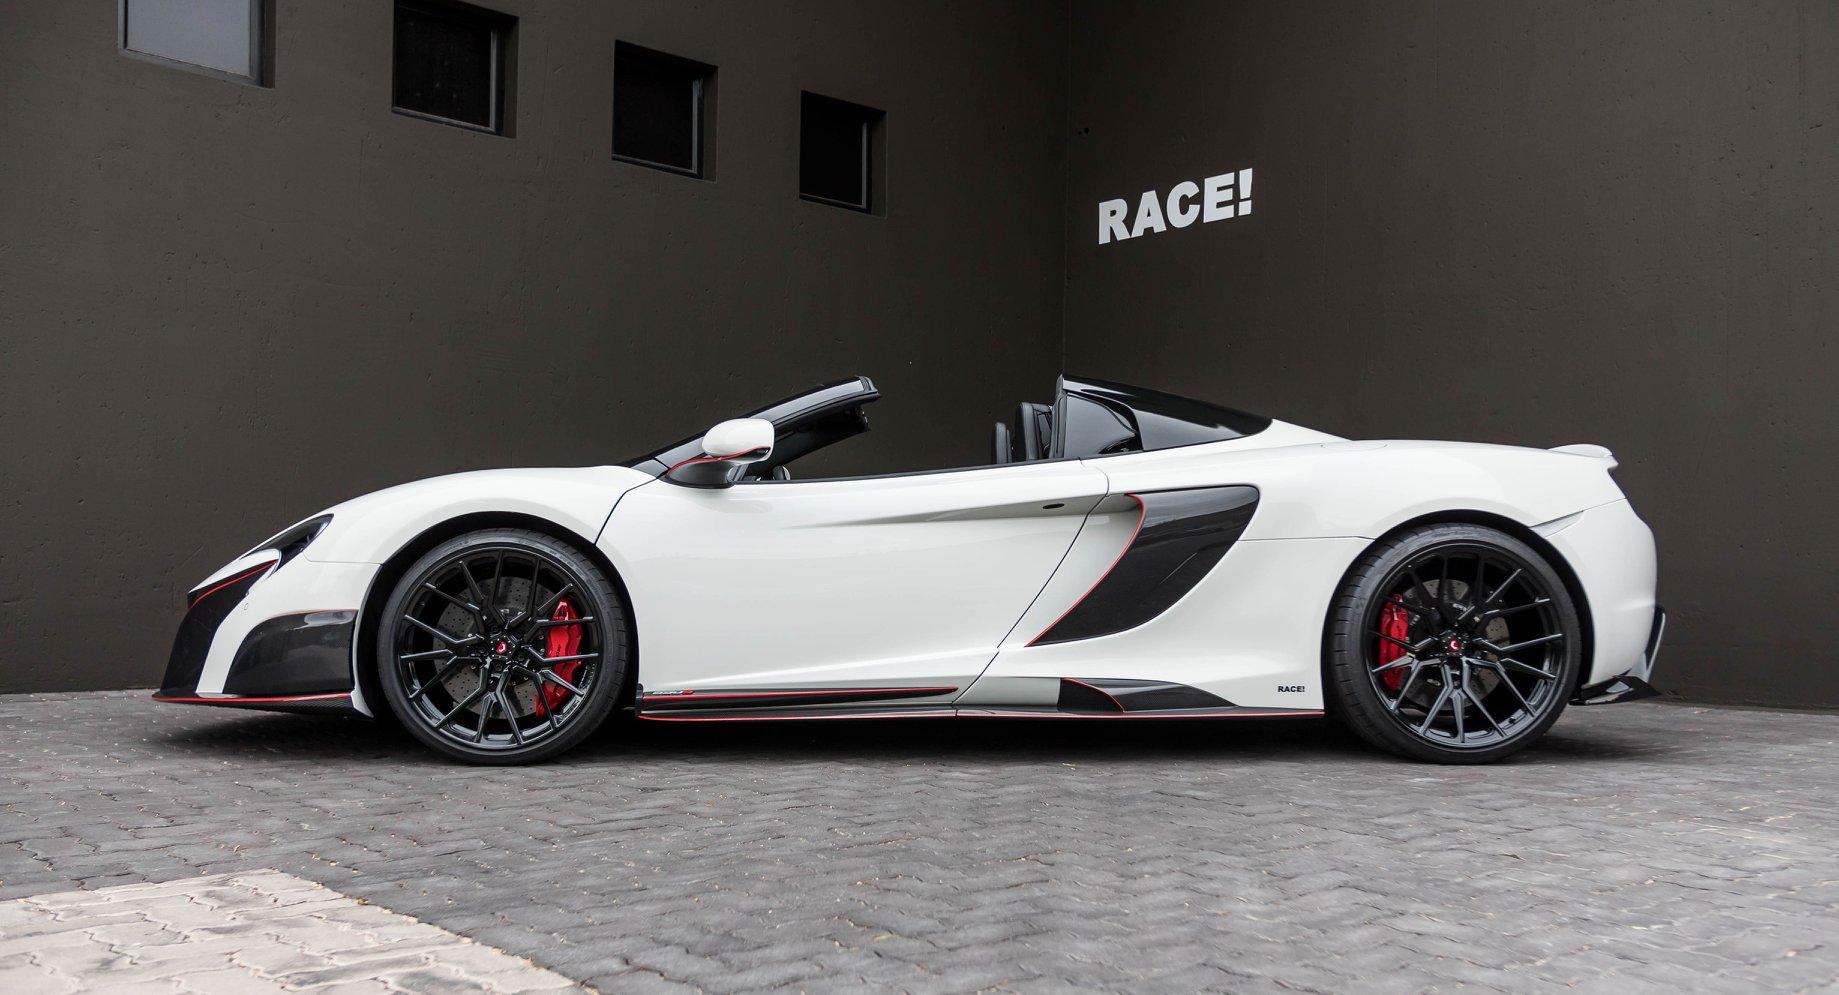 McLaren 650S Spider by Race (4)